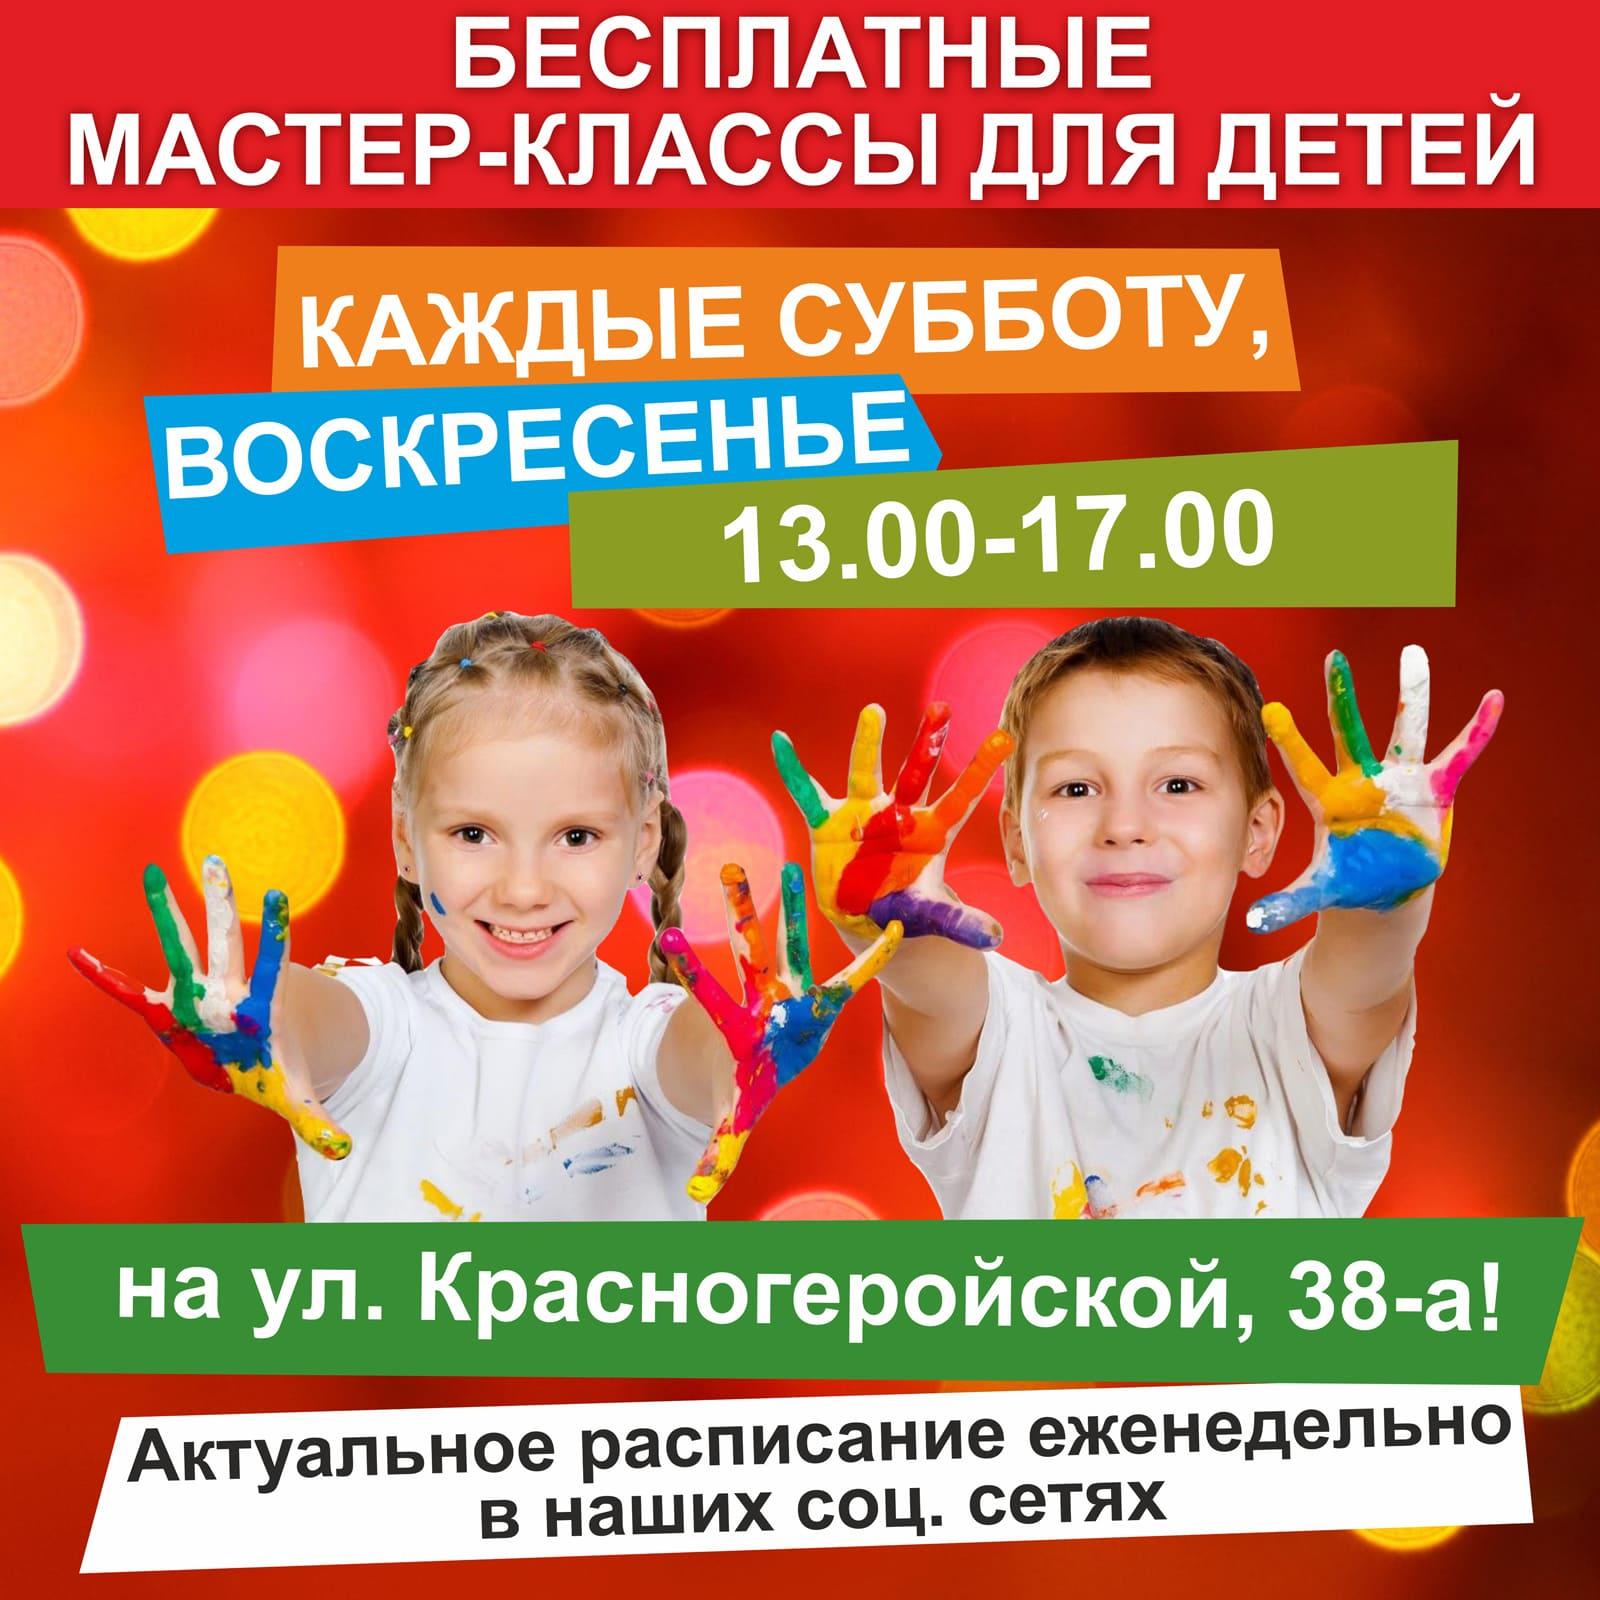 Бесплатные мастер-классы для детей